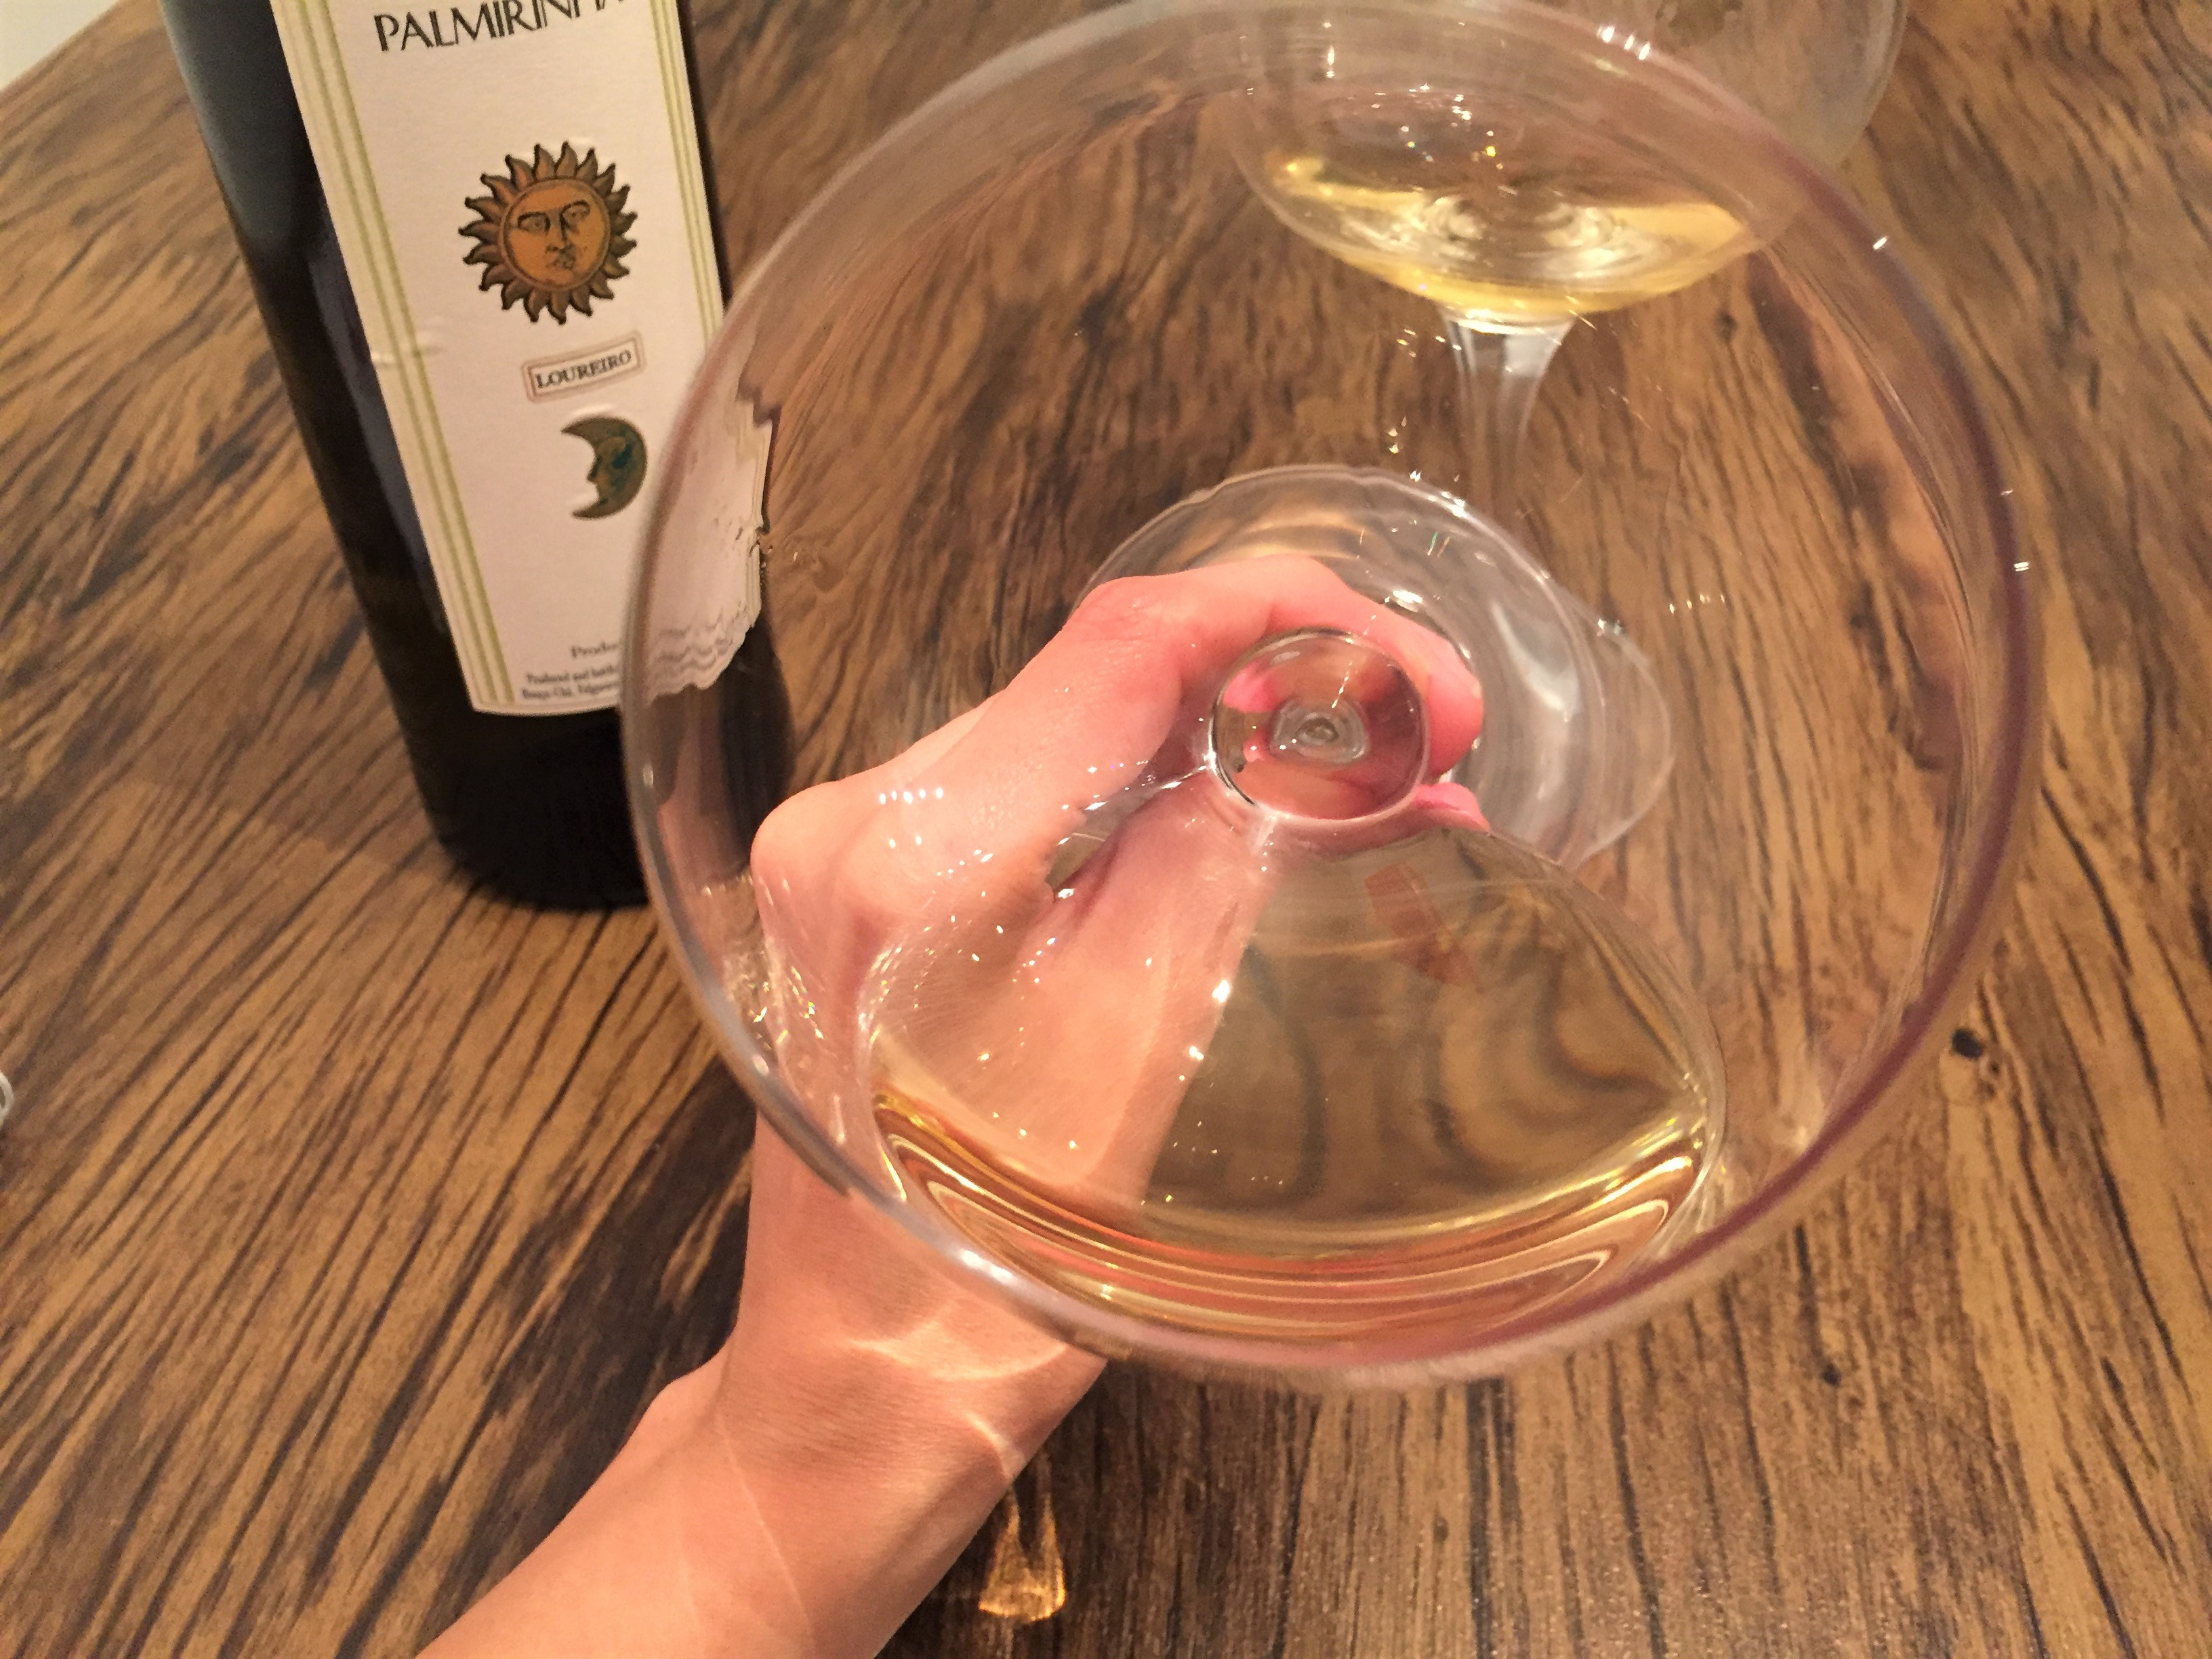 Palmirinha vinho branco natural